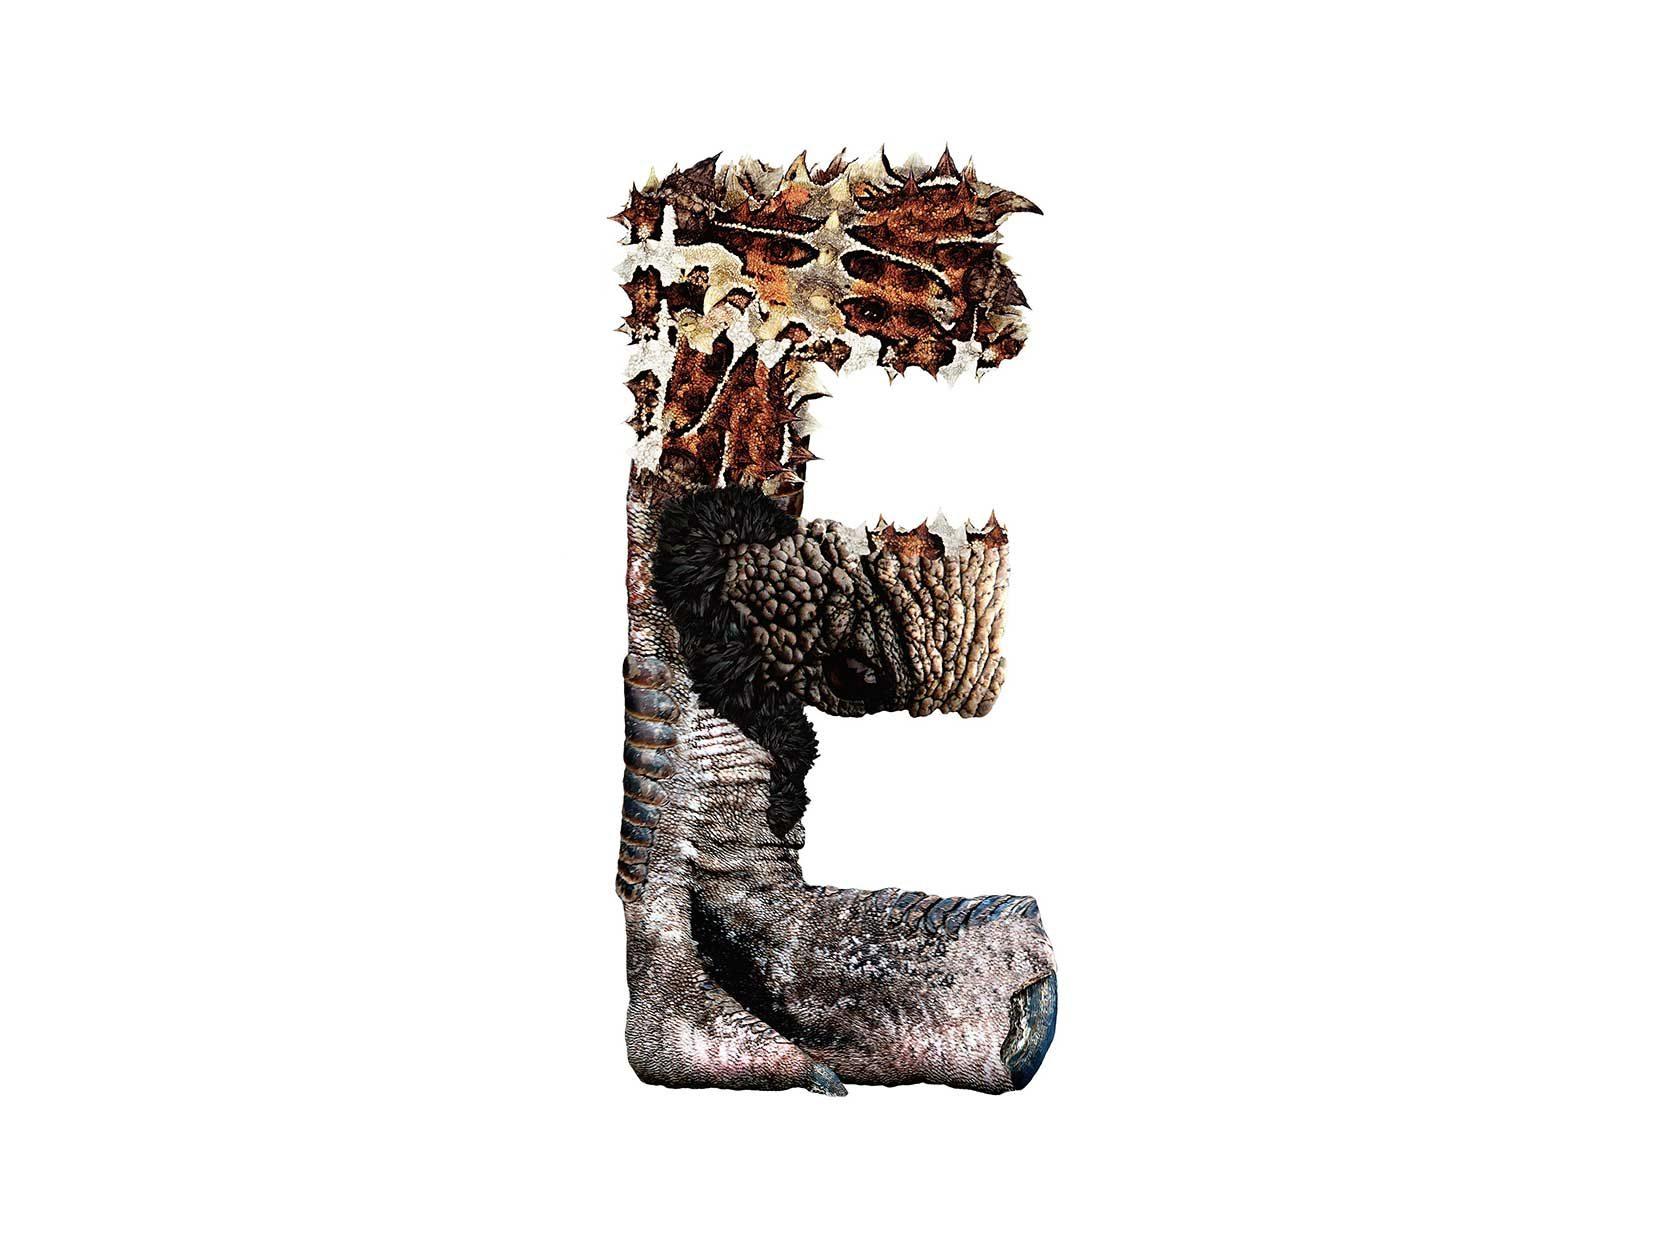 Bird Headed Monster Letter E3 Design by Furia